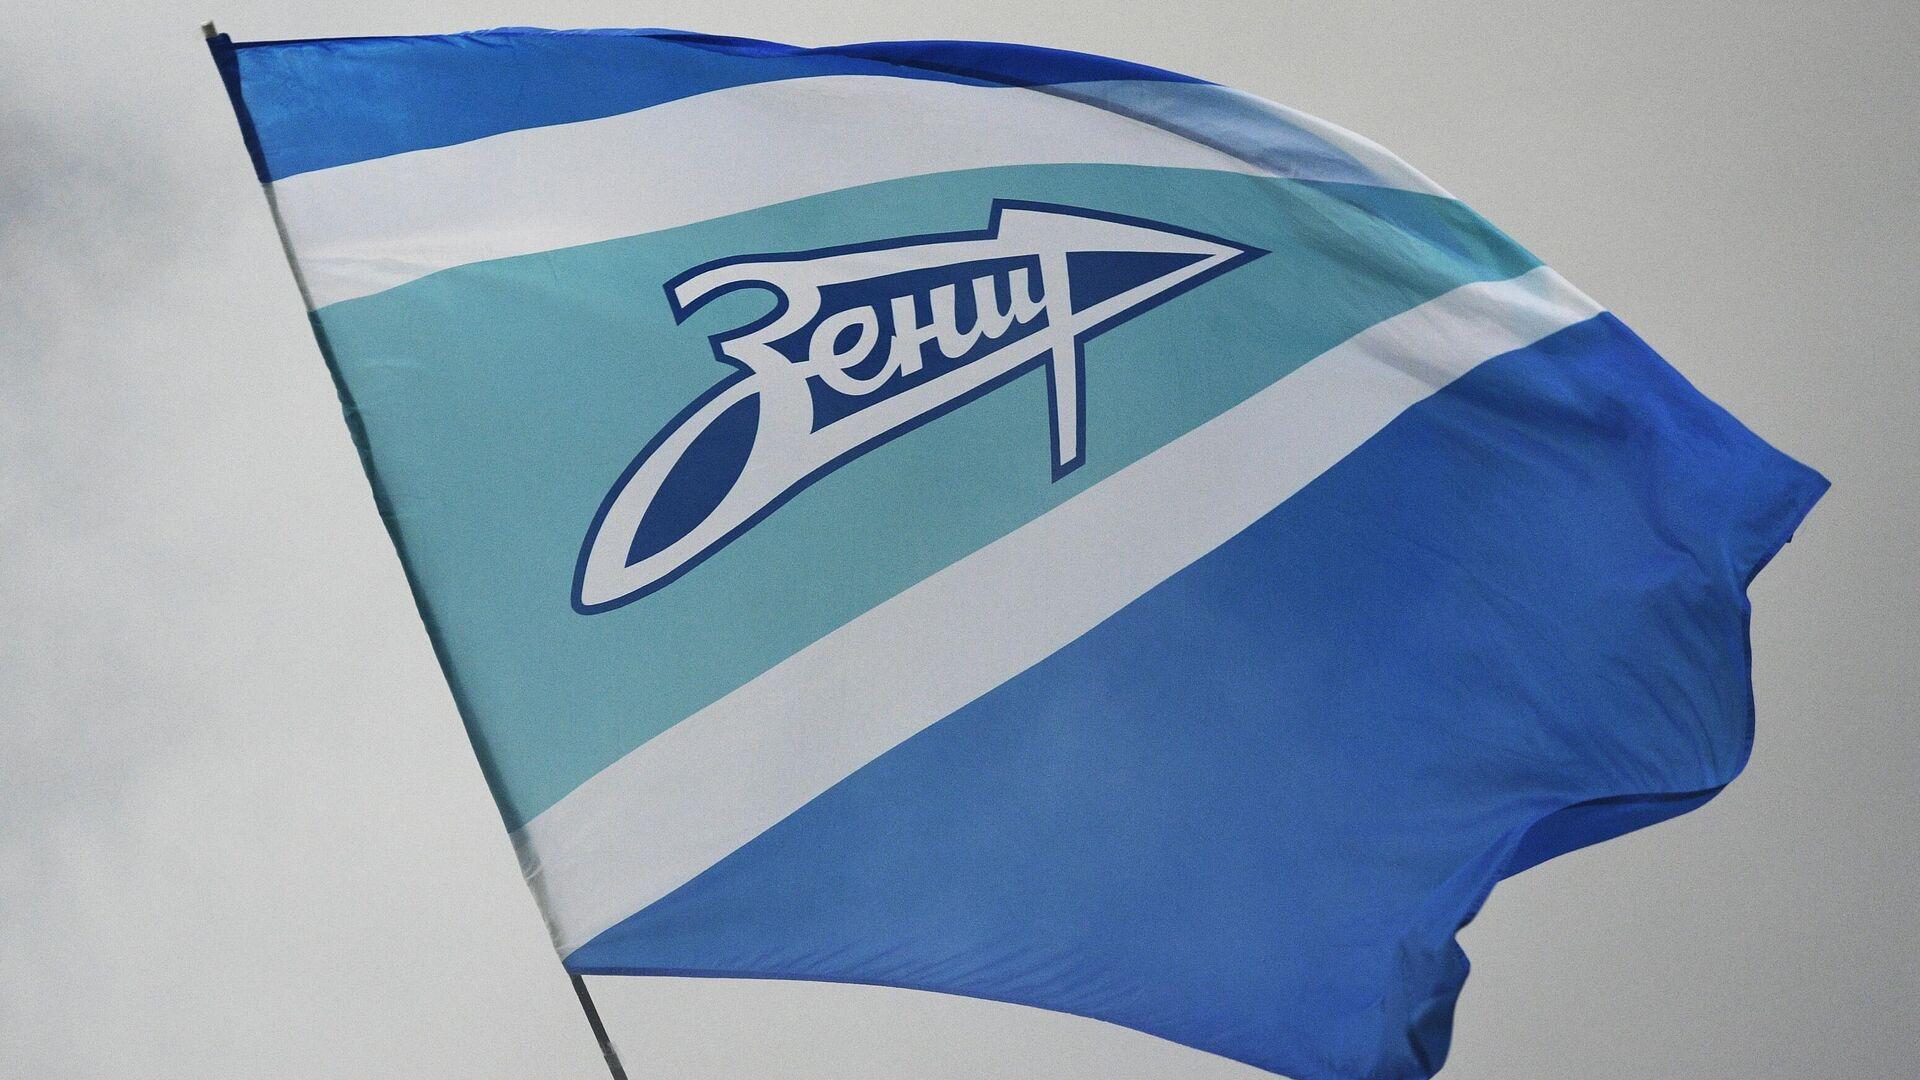 Флаг болельщиков ФК Зенит - Sputnik Армения, 1920, 26.09.2021